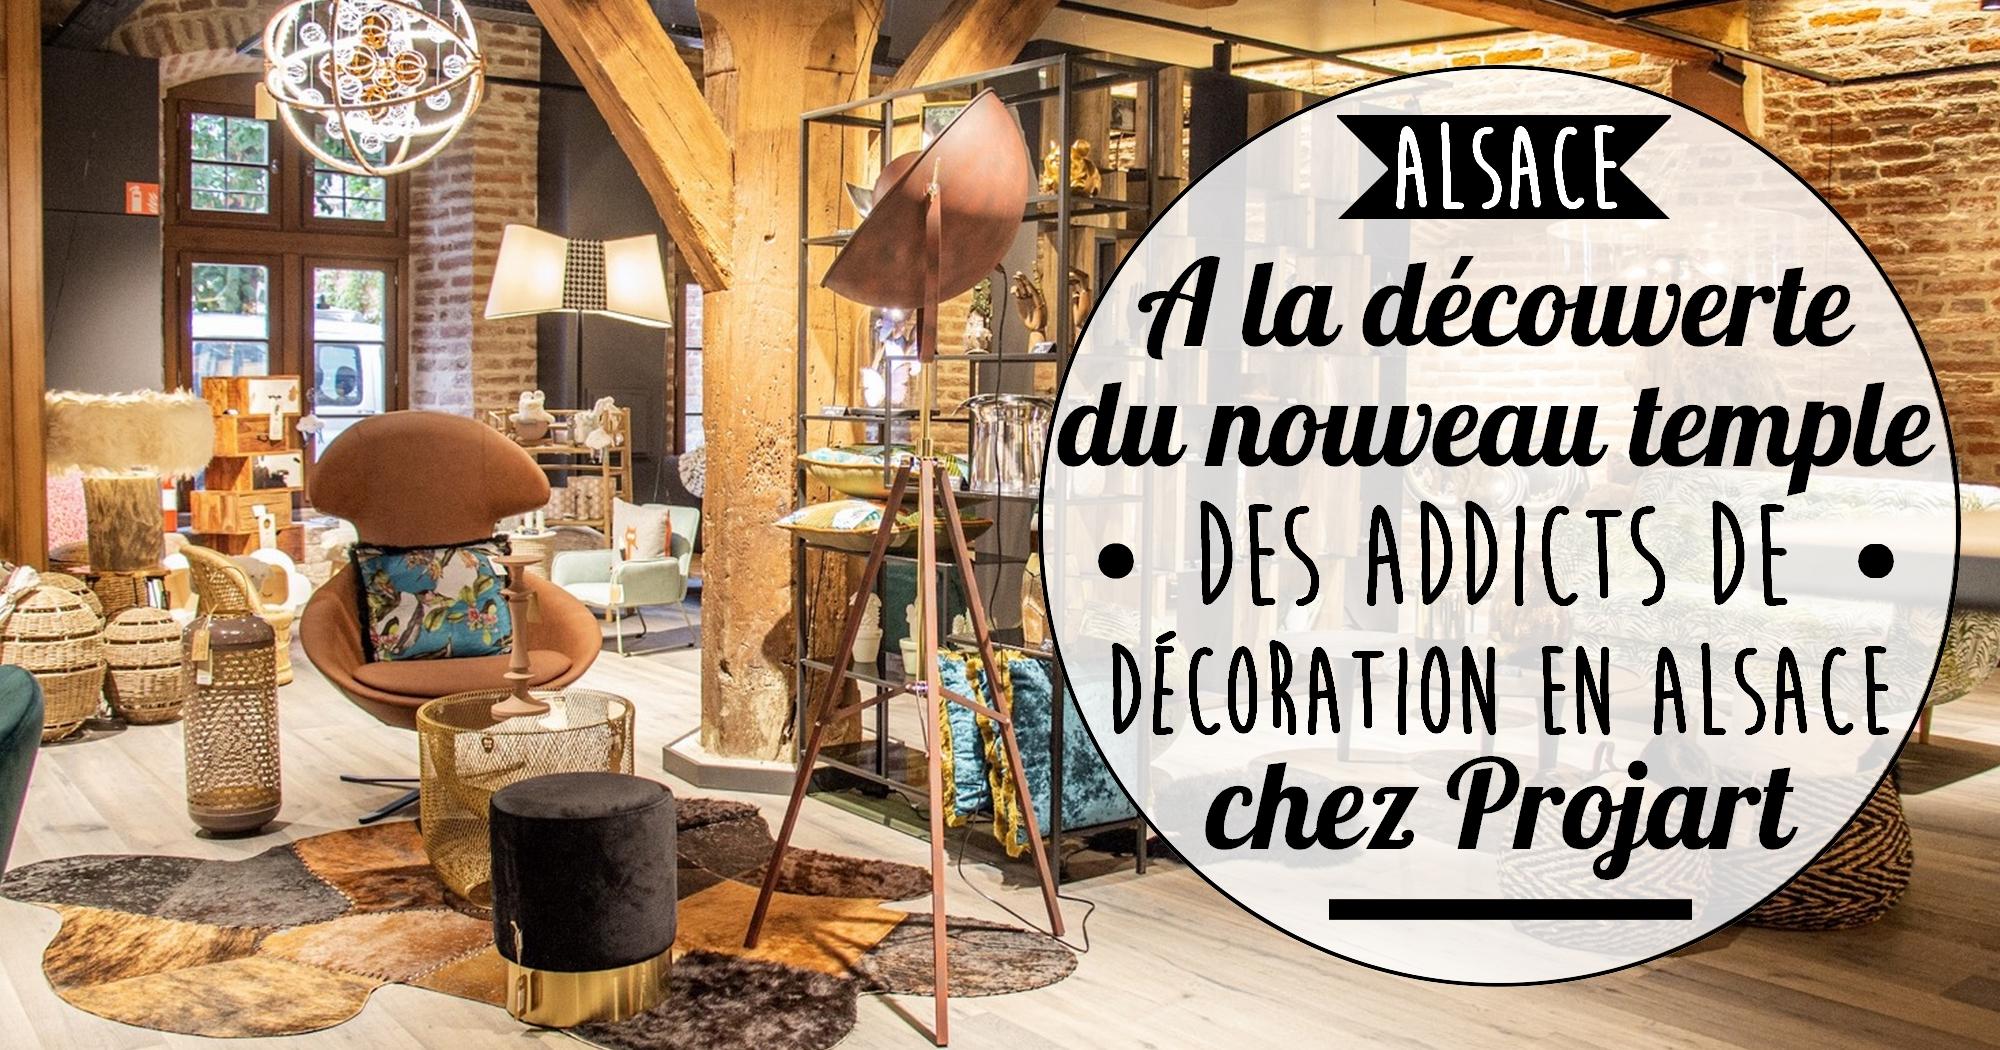 A la découverte du nouveau temple des addicts de décoration en Alsace